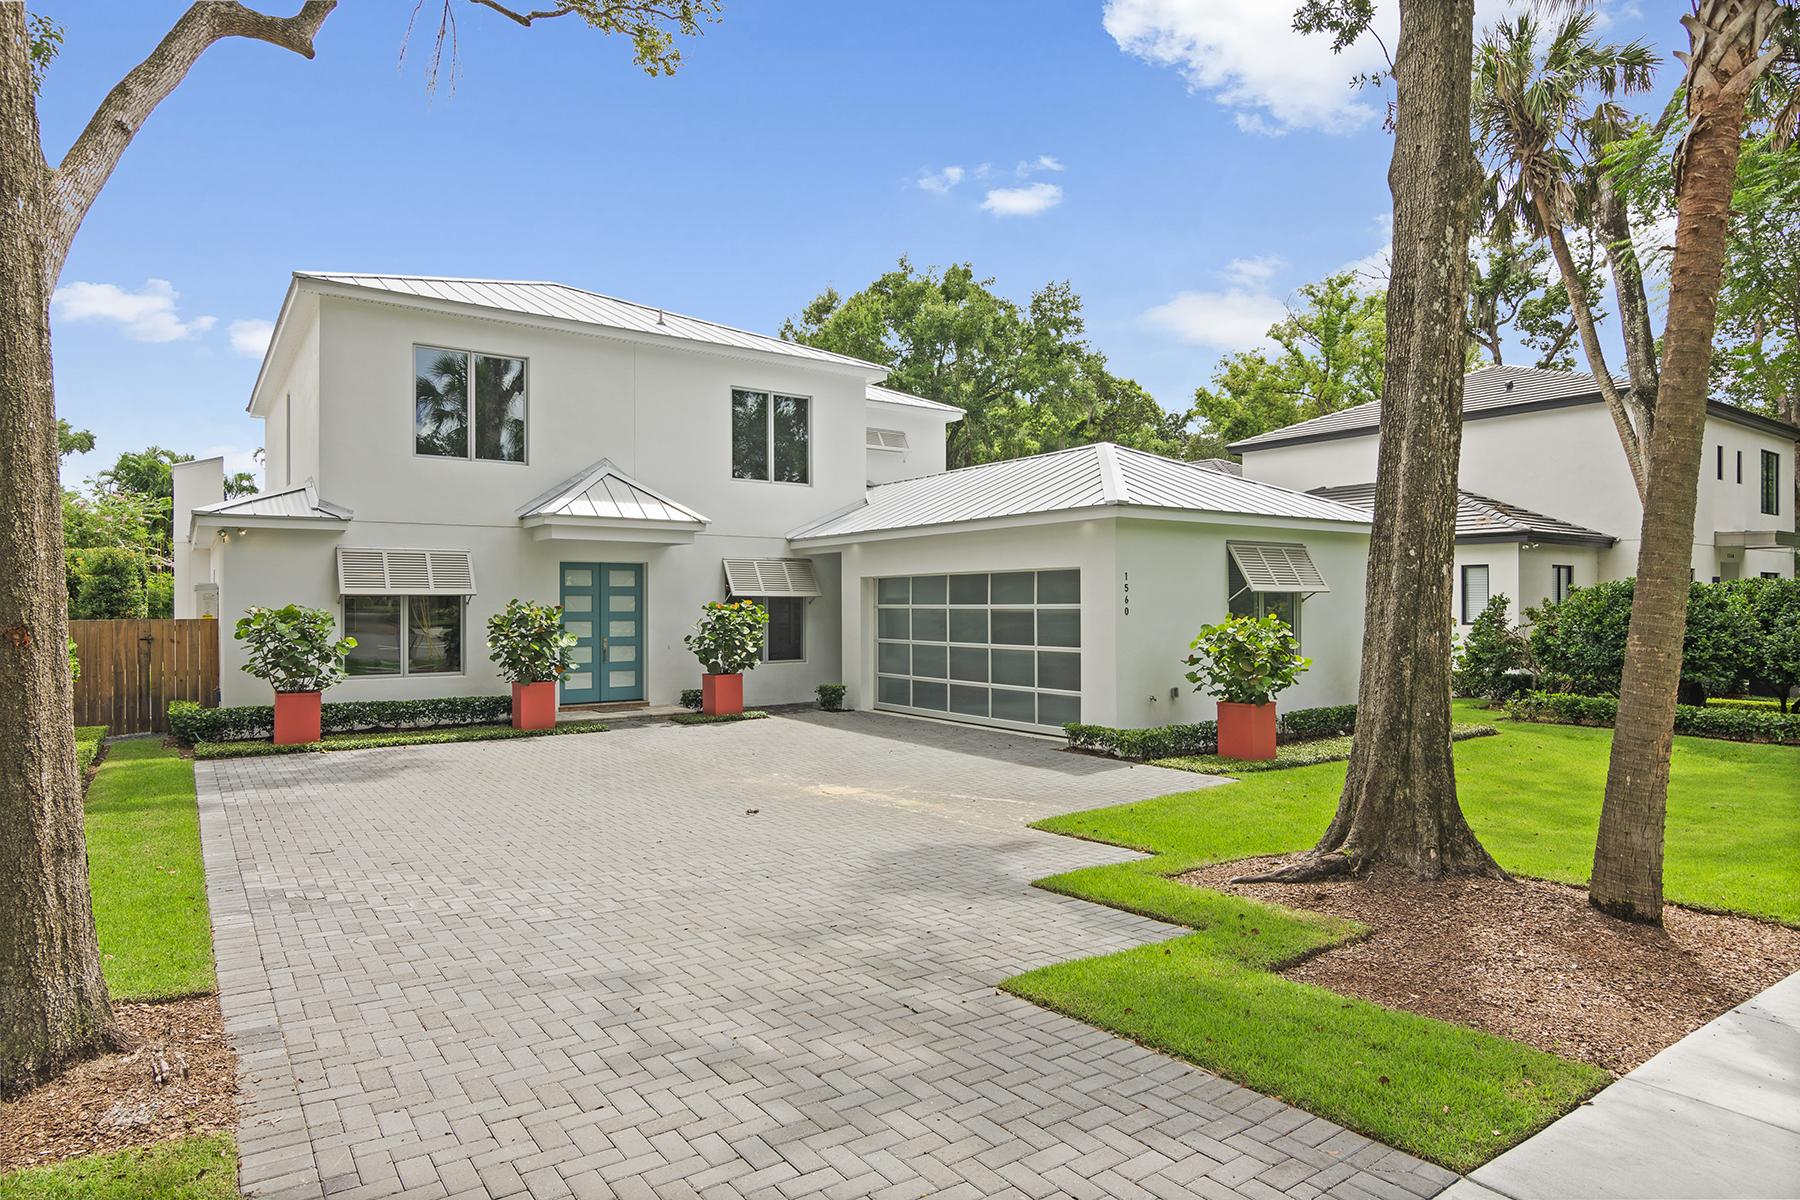 Single Family Homes için Satış at WINTER PARK 1560 Bryan Ave, Winter Park, Florida 32789 Amerika Birleşik Devletleri